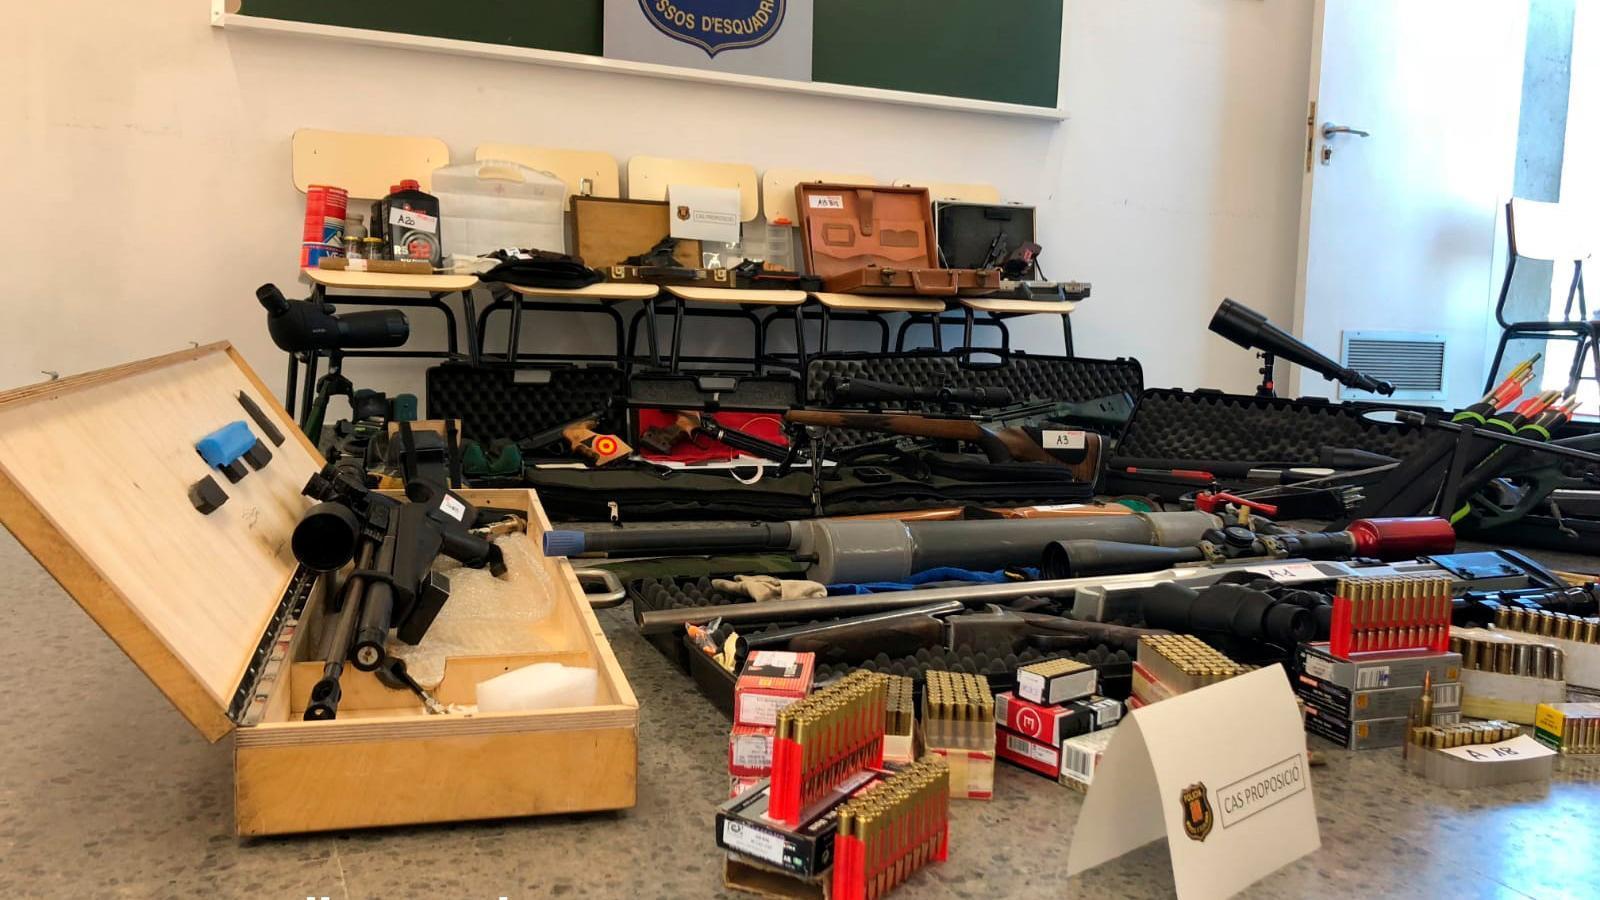 Arsenal d'armes que van trobar els Mossos a casa del detingut per voler matar Pedro Sánchez